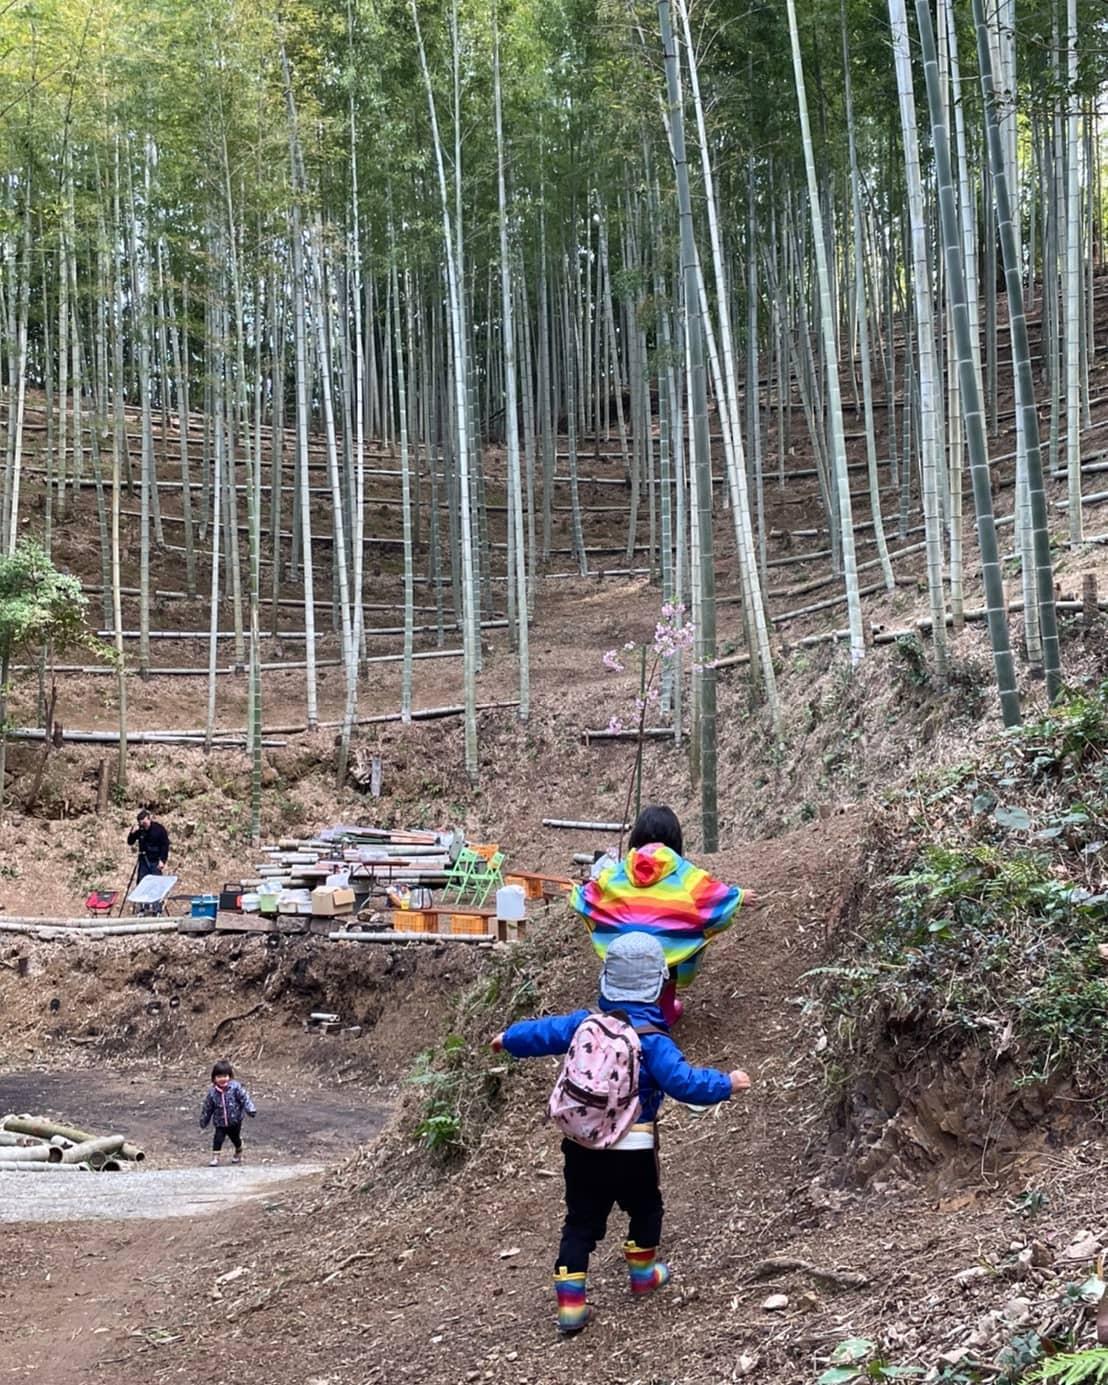 探検隊出動竹やぶにはワクワクがたくさん️#里山 #竹林 #竹 #たけのこ #竹やぶ #探検隊 #ワクワク #阿波たけのこ農園 #筍姫